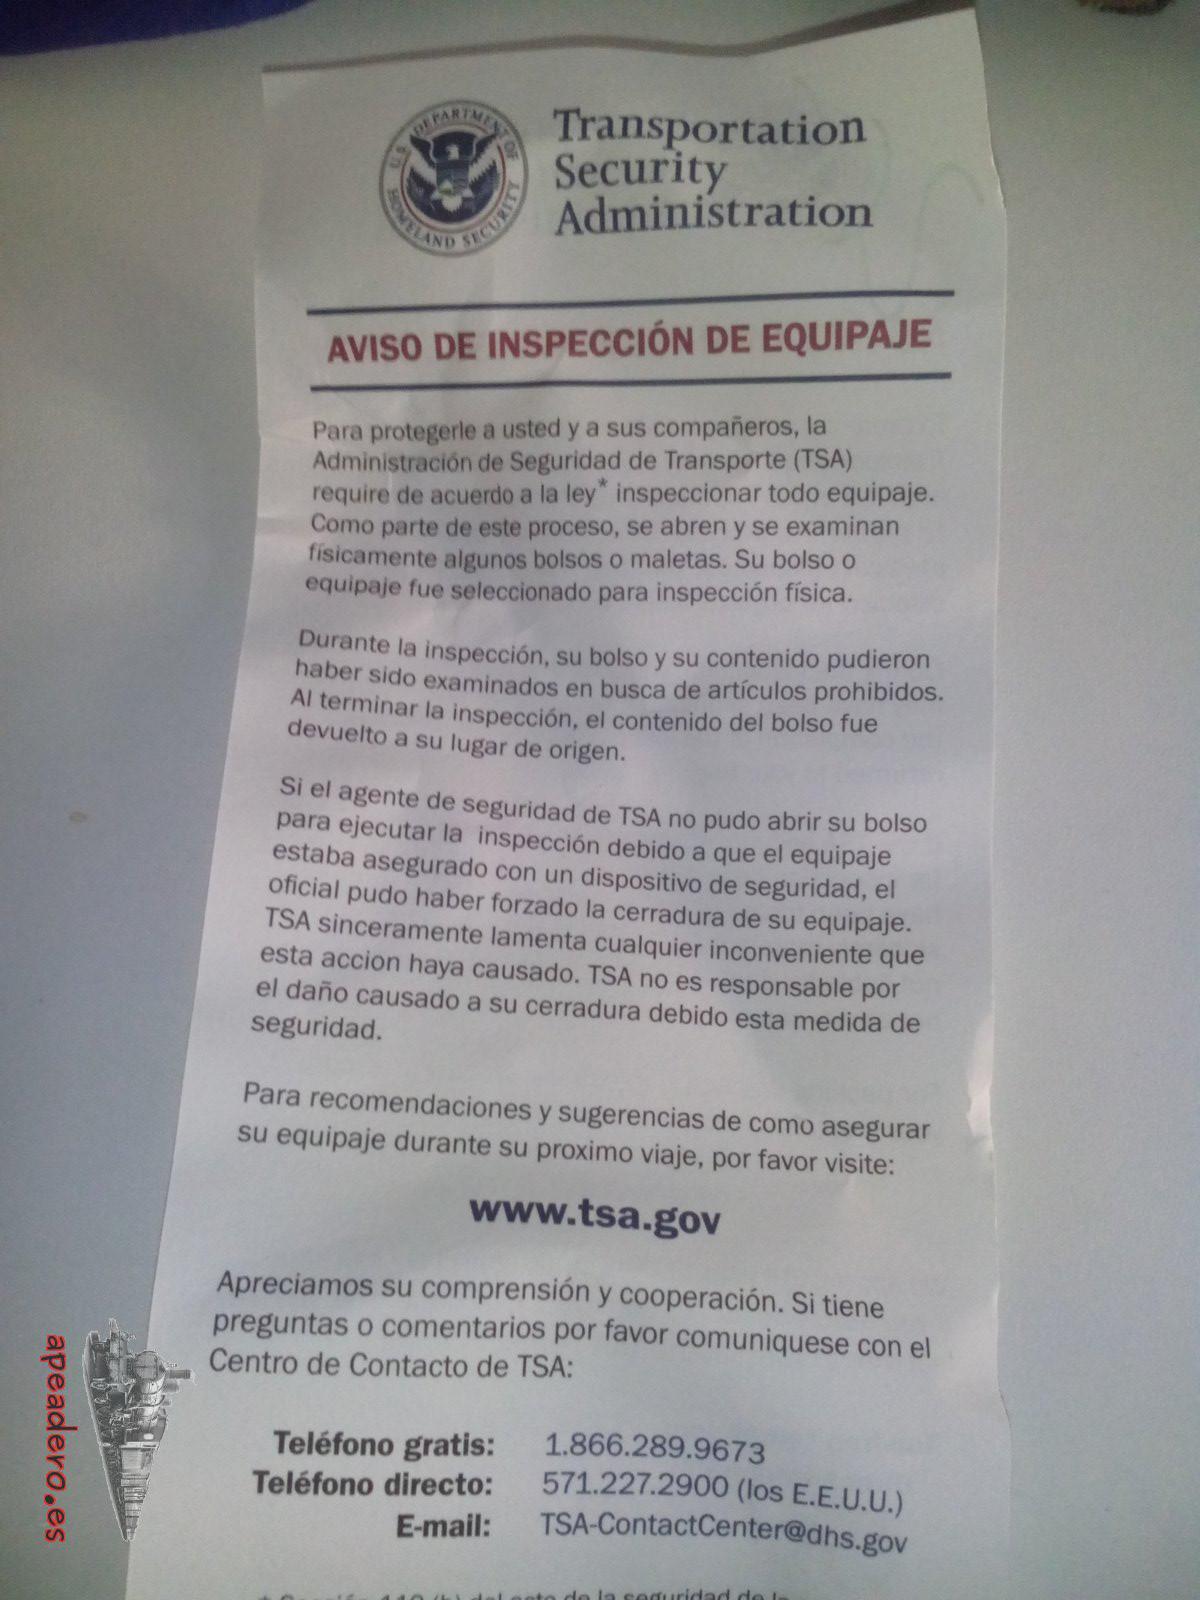 Arrugada y en el fondo de la mochila venía esto. Es un detalle al menos que pongan una versión en español.